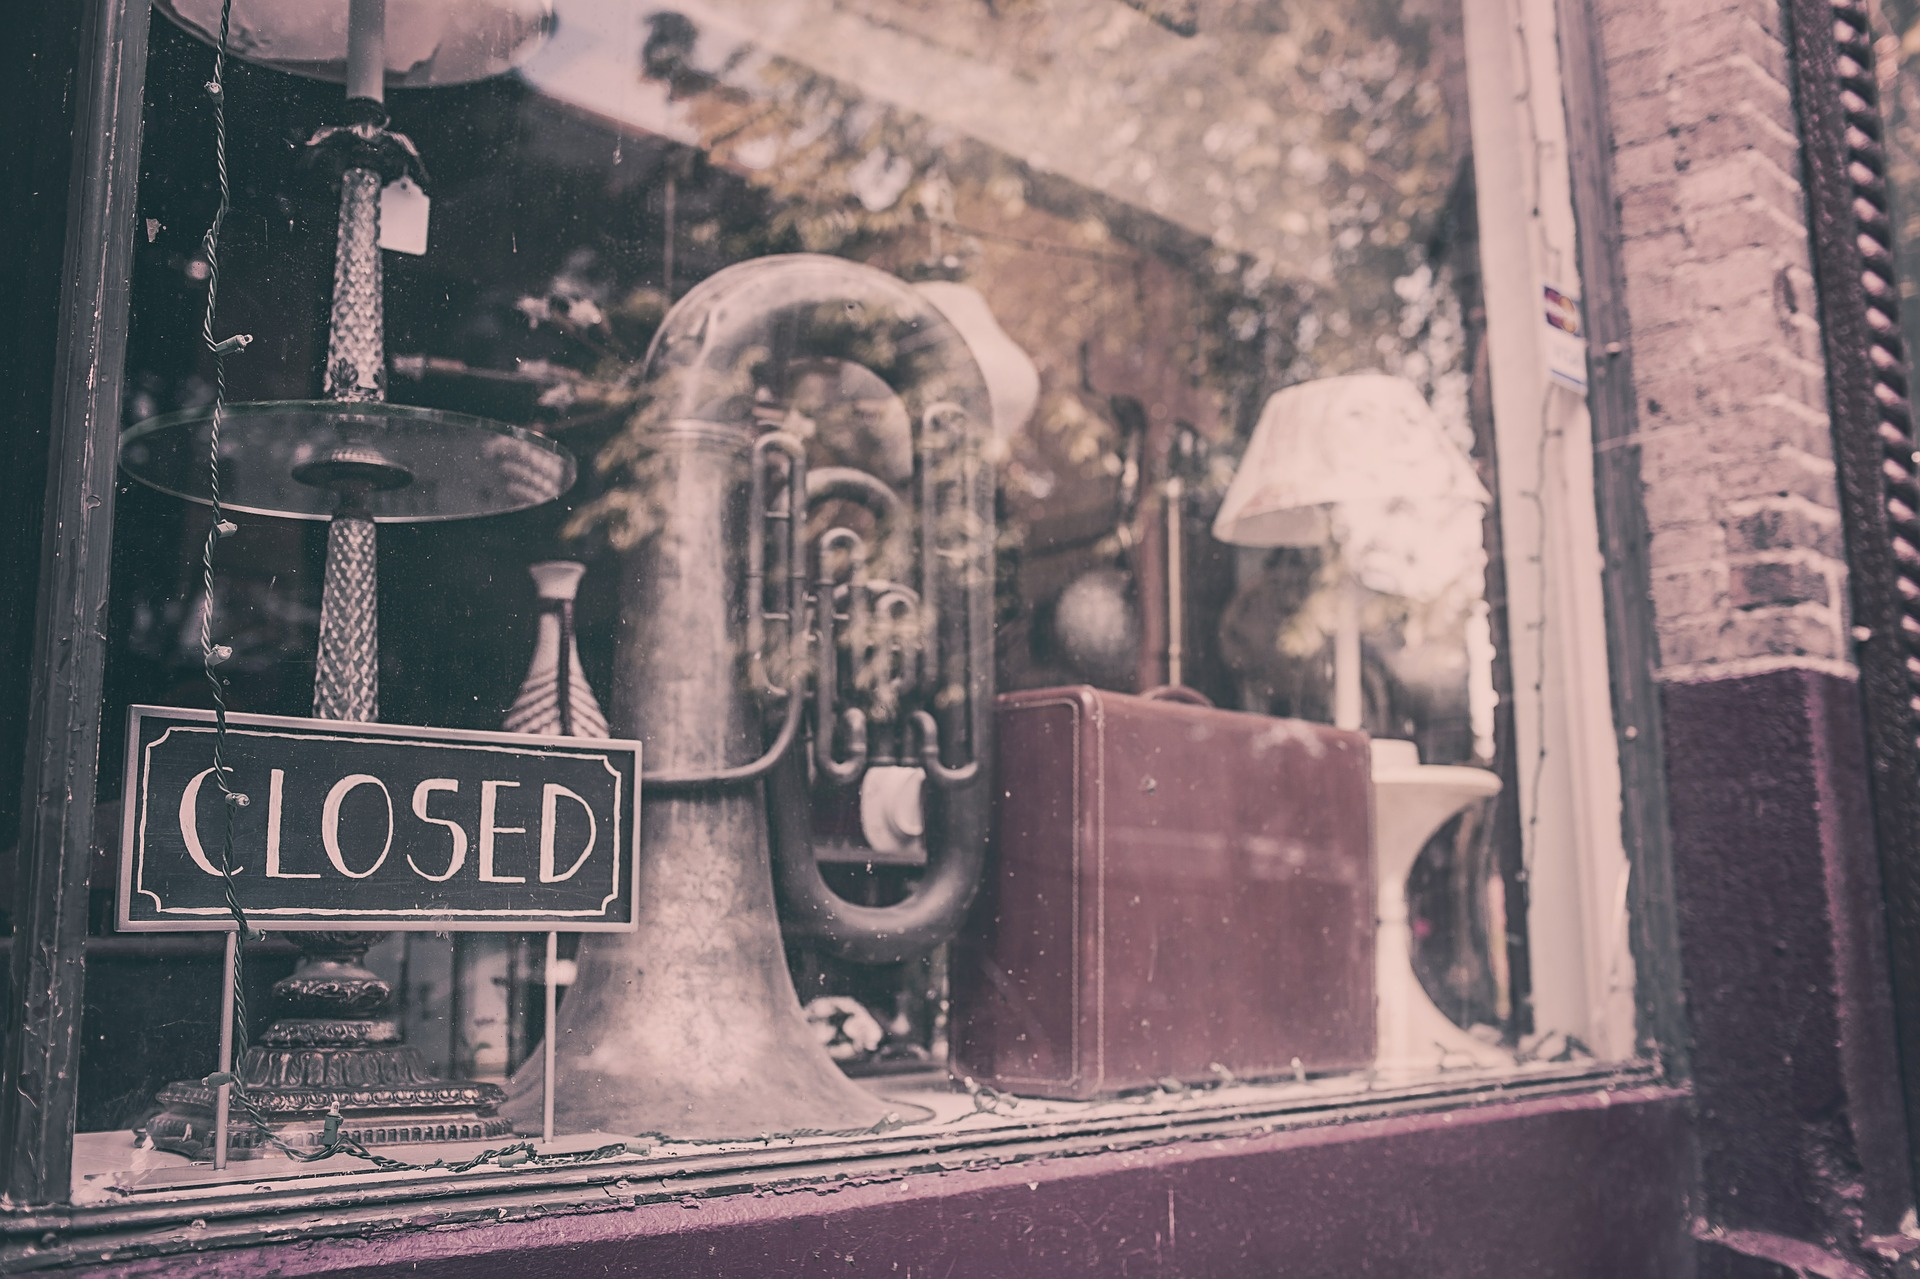 closed